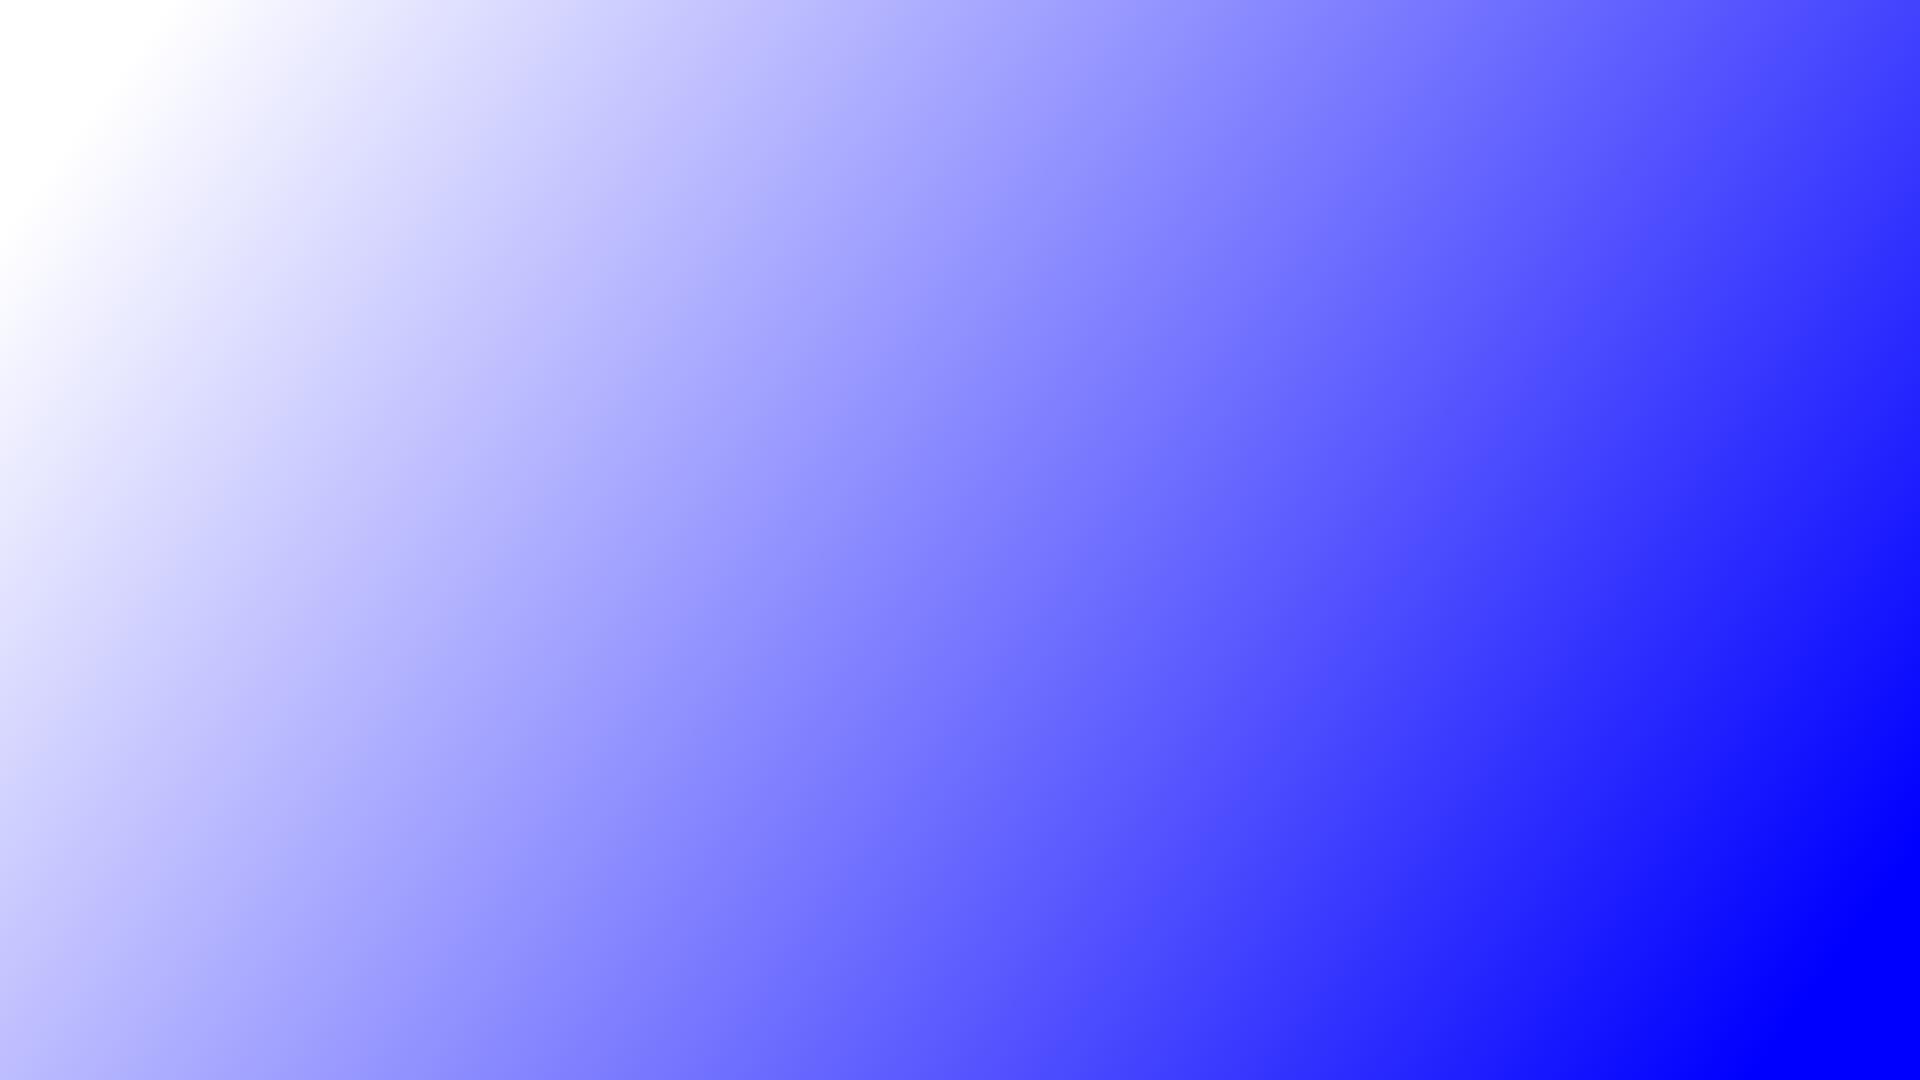 白色と青色のグラデーション 壁紙 画像 エムズライファー